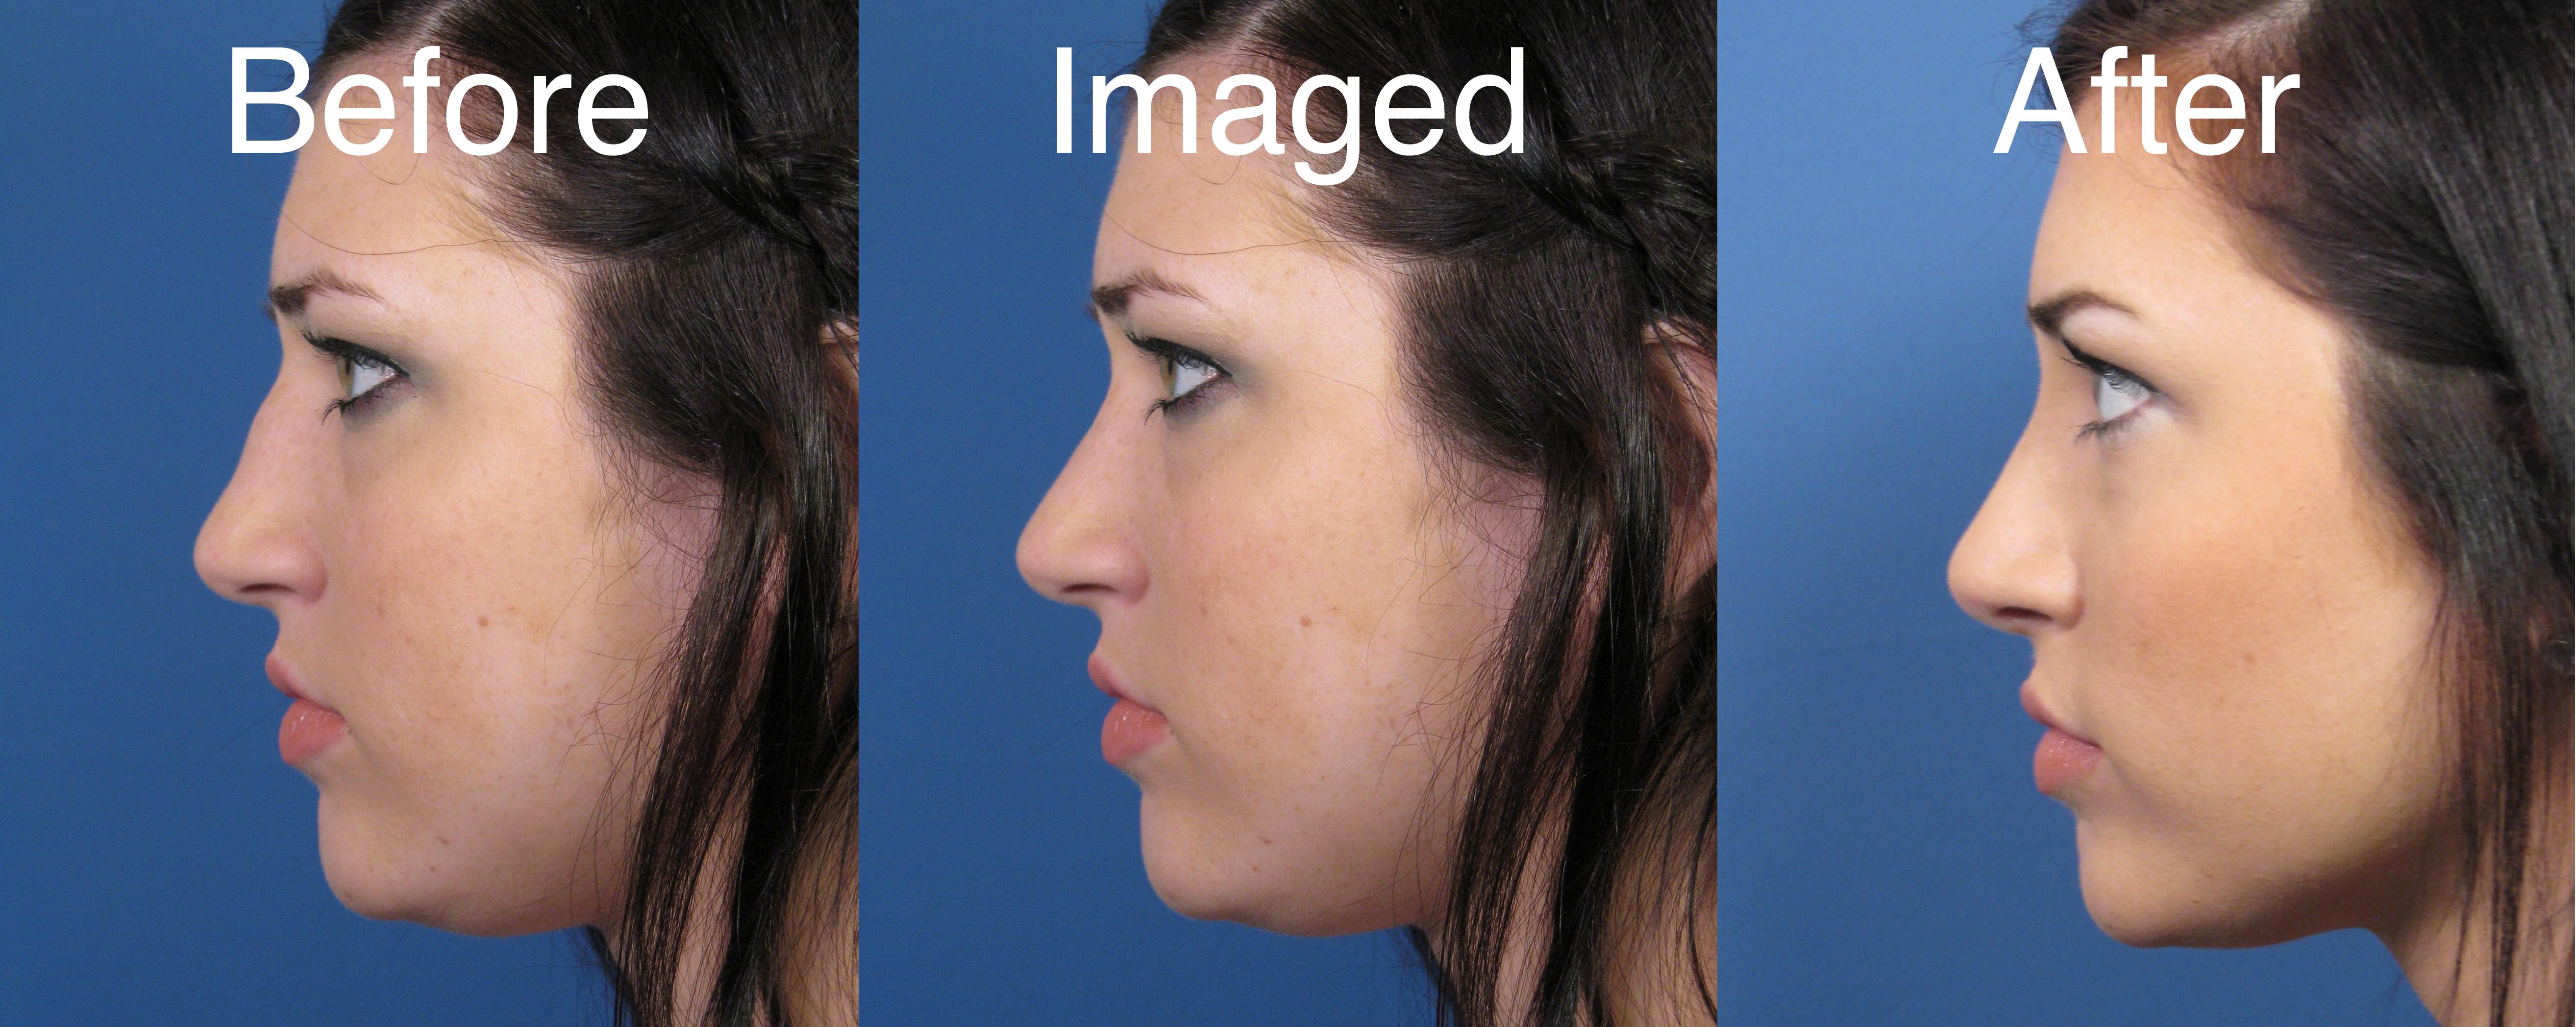 Rhinoplasty Transformation